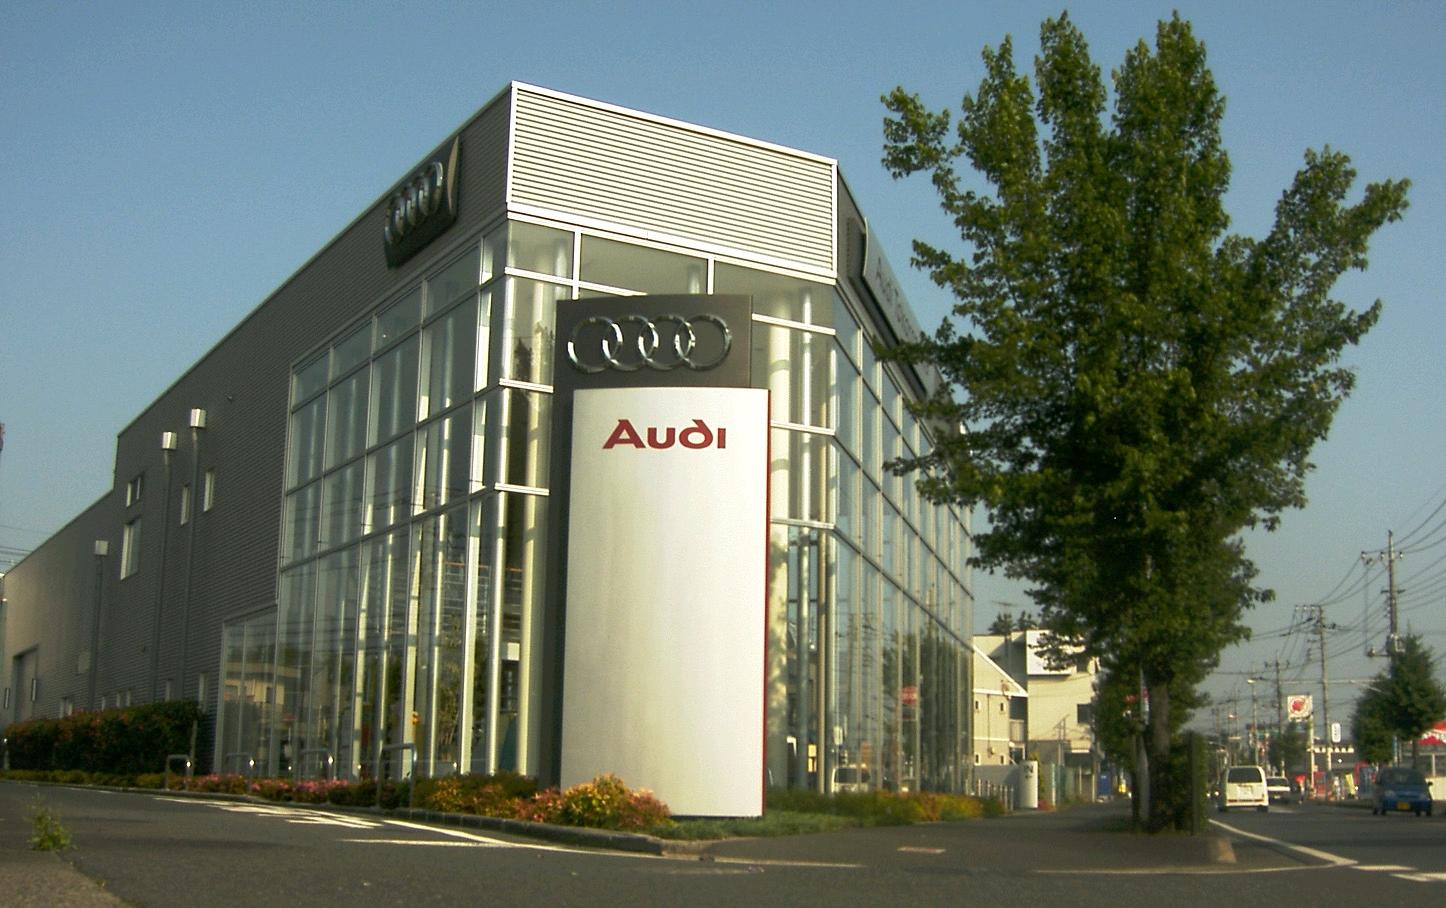 FileAudi Japan Car Dealership Saitamajpg Wikimedia Commons - Audi car dealers